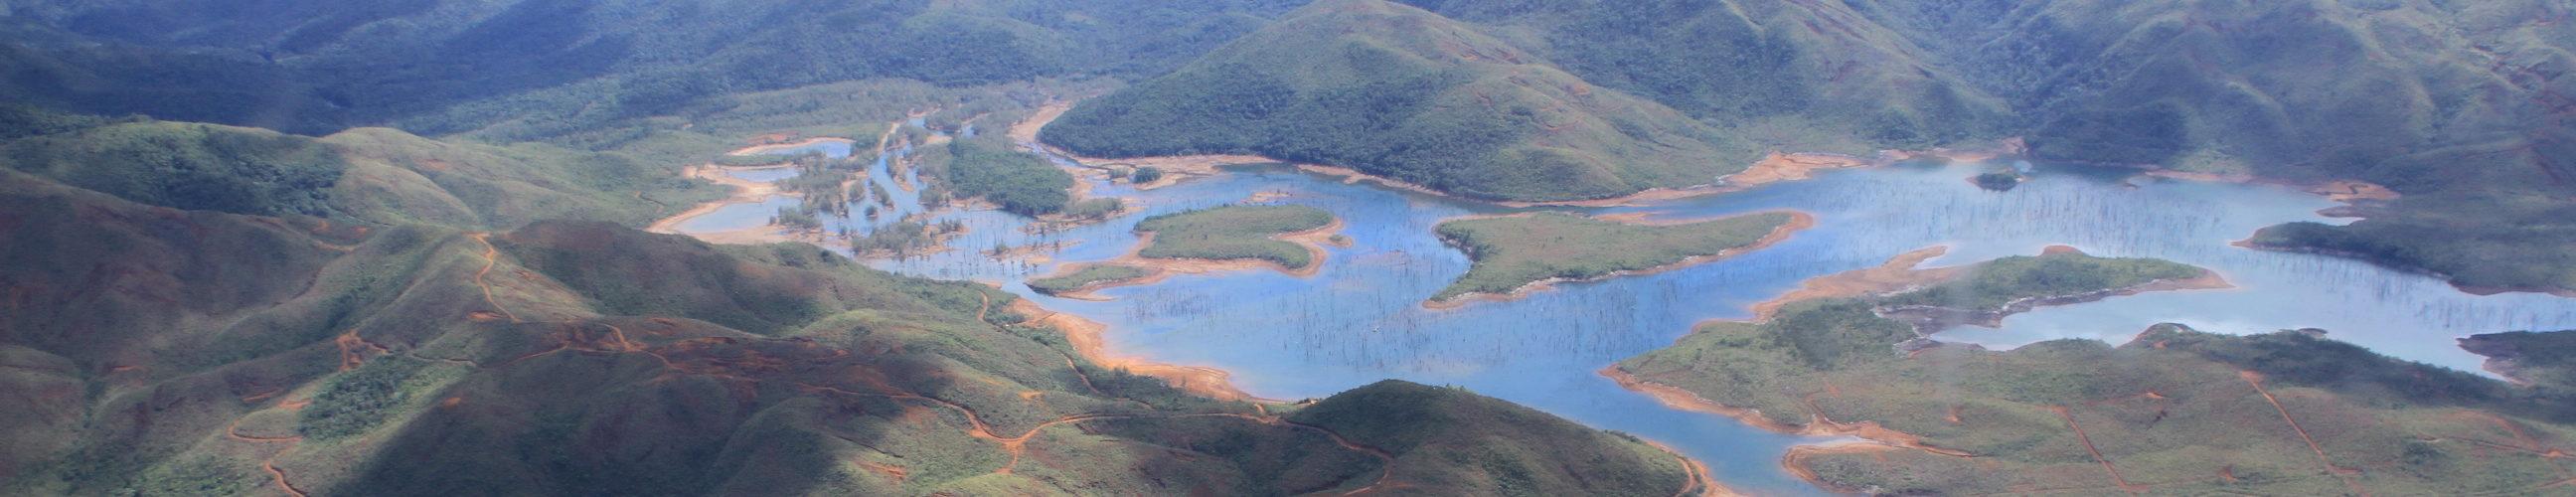 Image bandeau lac chaîne Nouvelle Calédonie